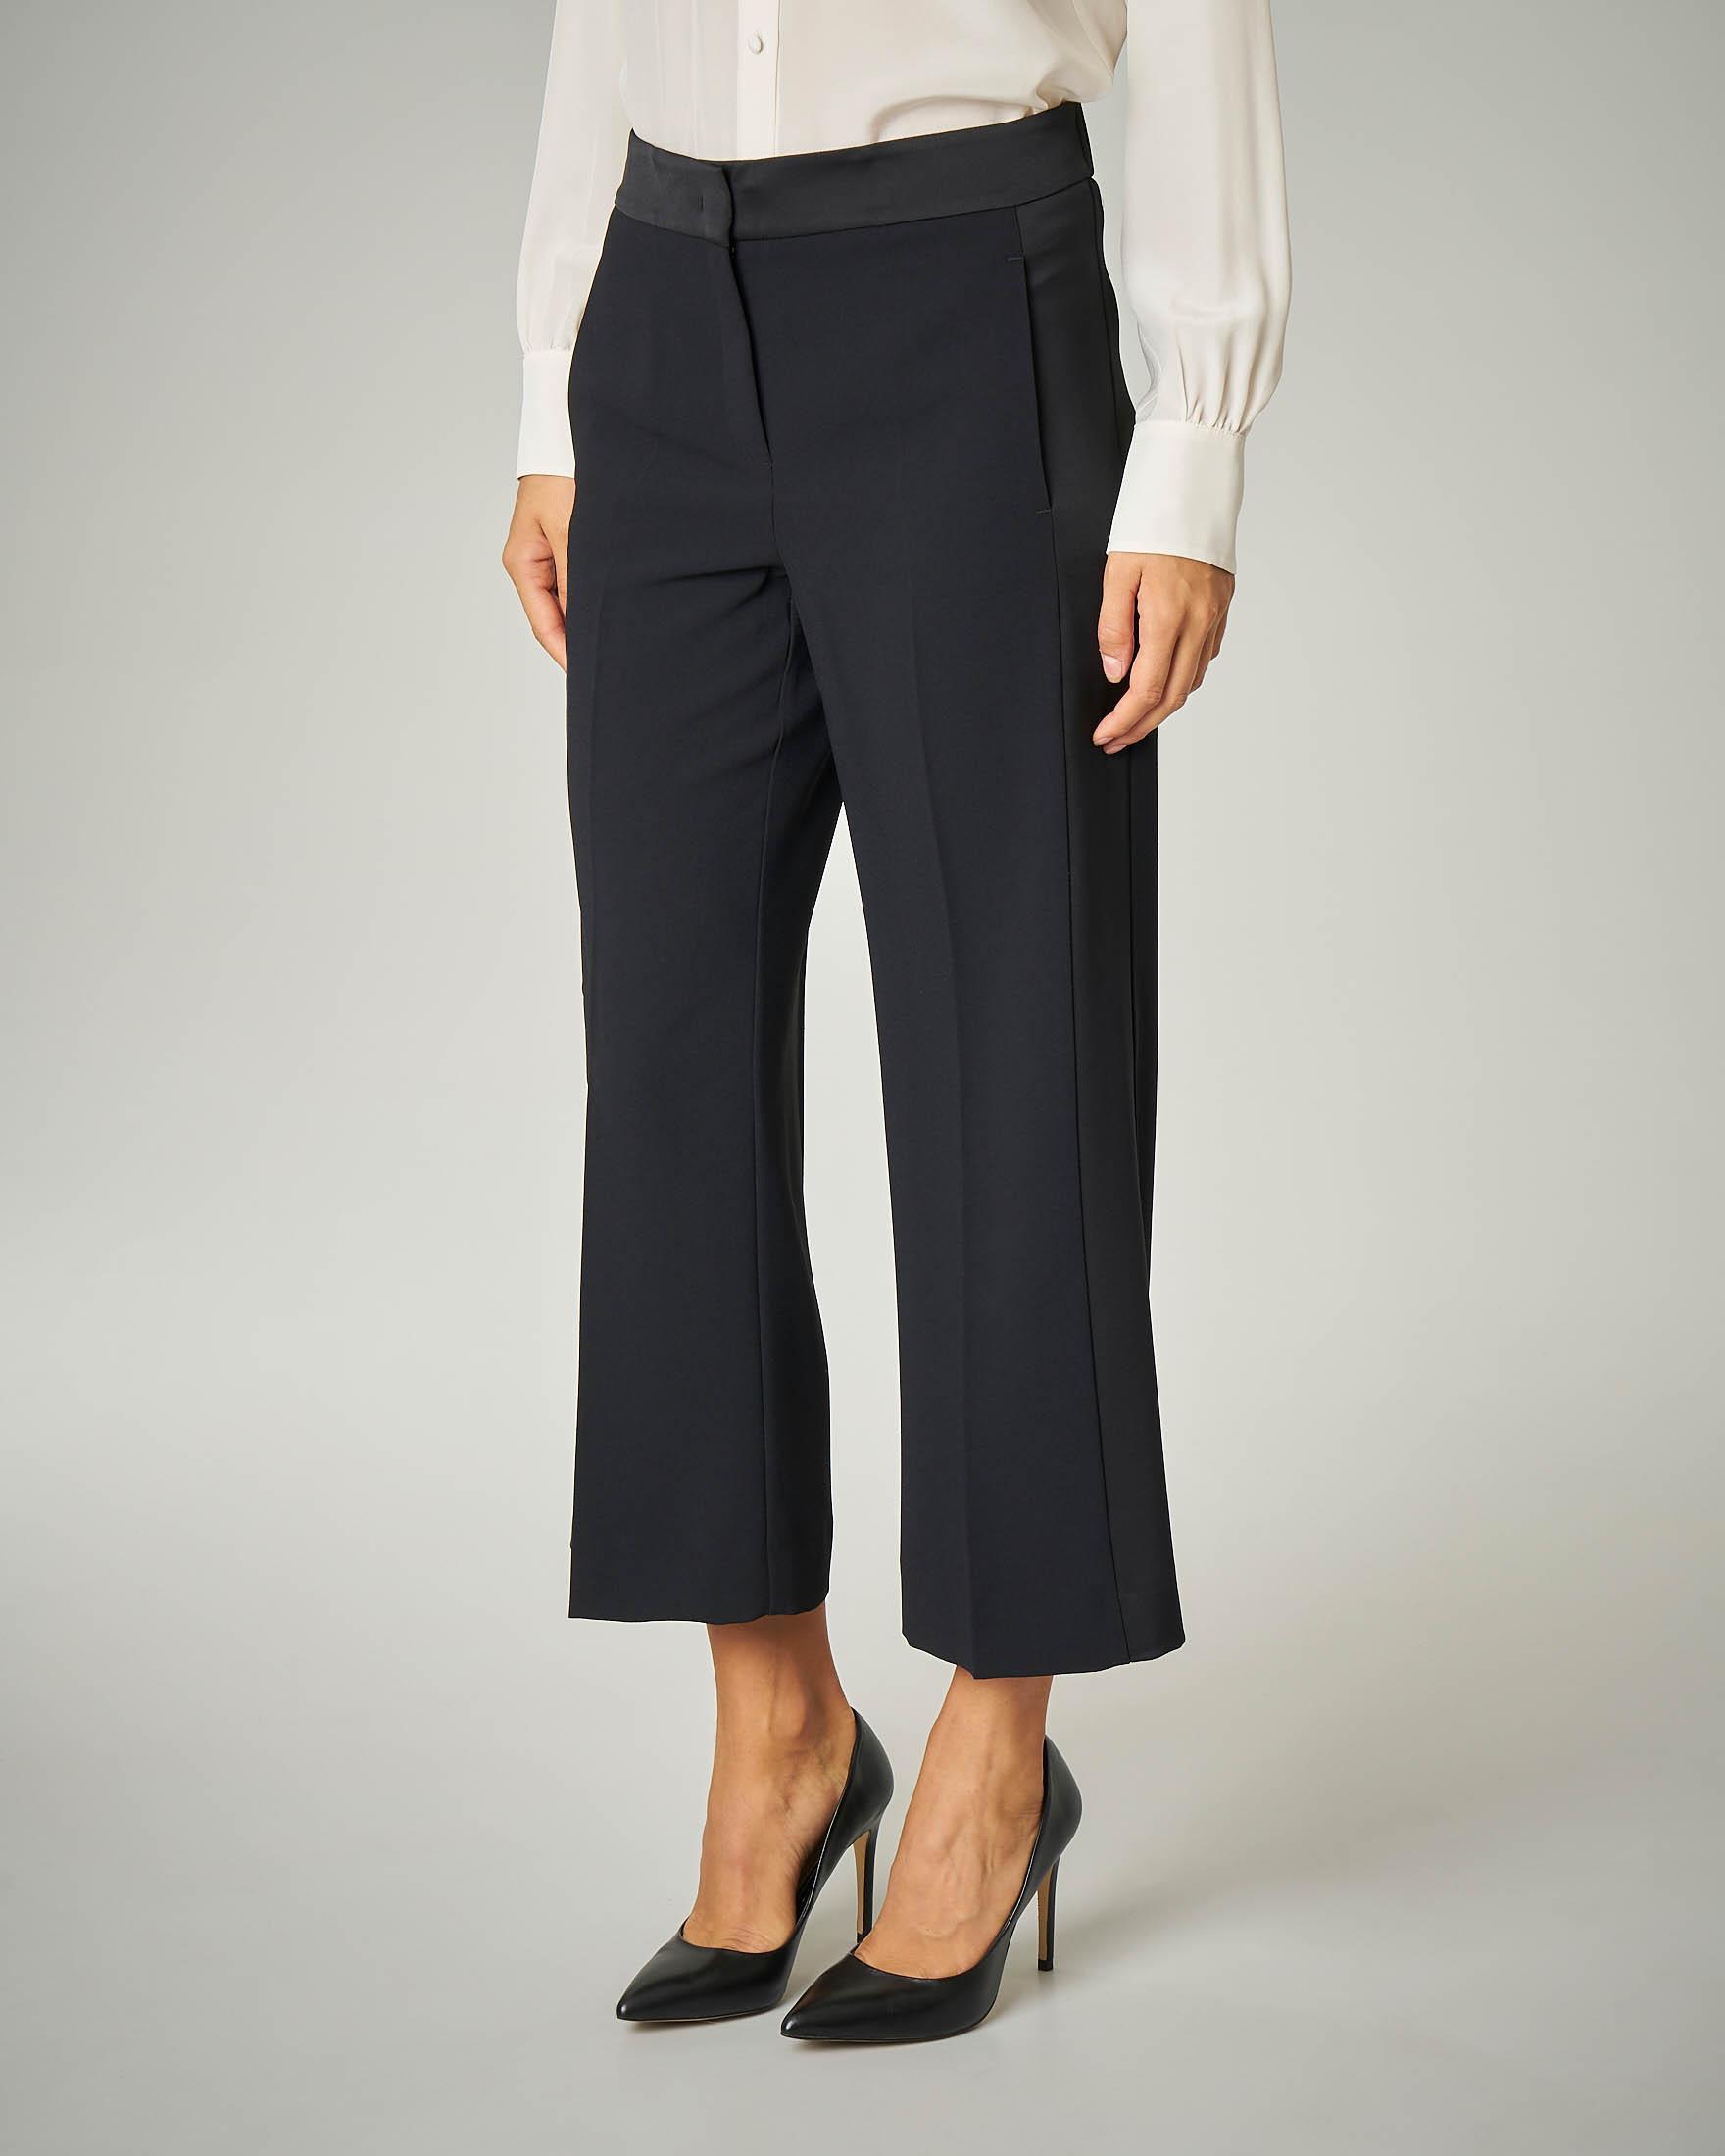 Pantalone nero cropped.